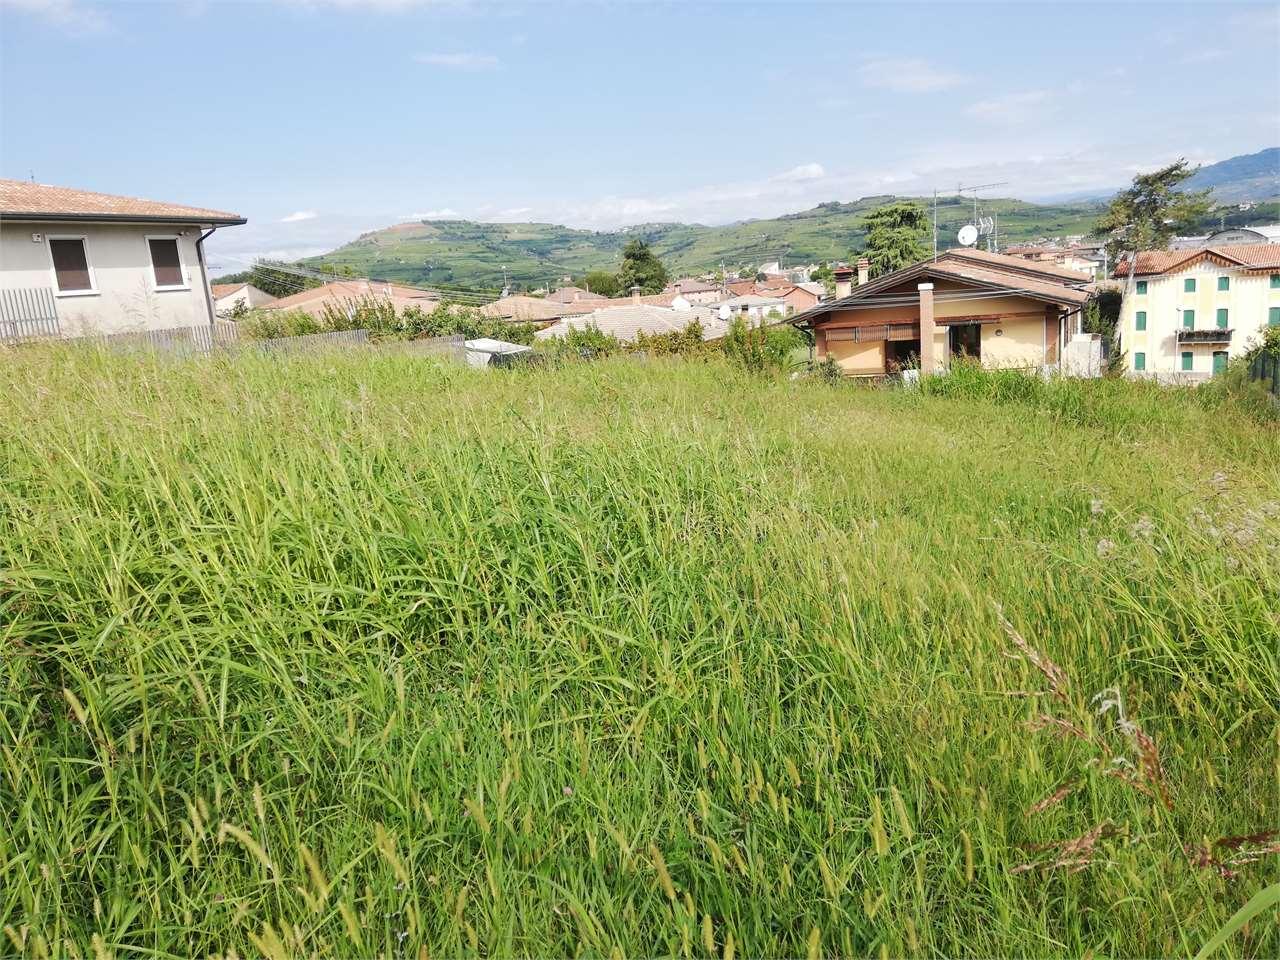 Terreno Edificabile Residenziale in vendita a Monteforte d'Alpone, 9999 locali, prezzo € 150.000 | CambioCasa.it